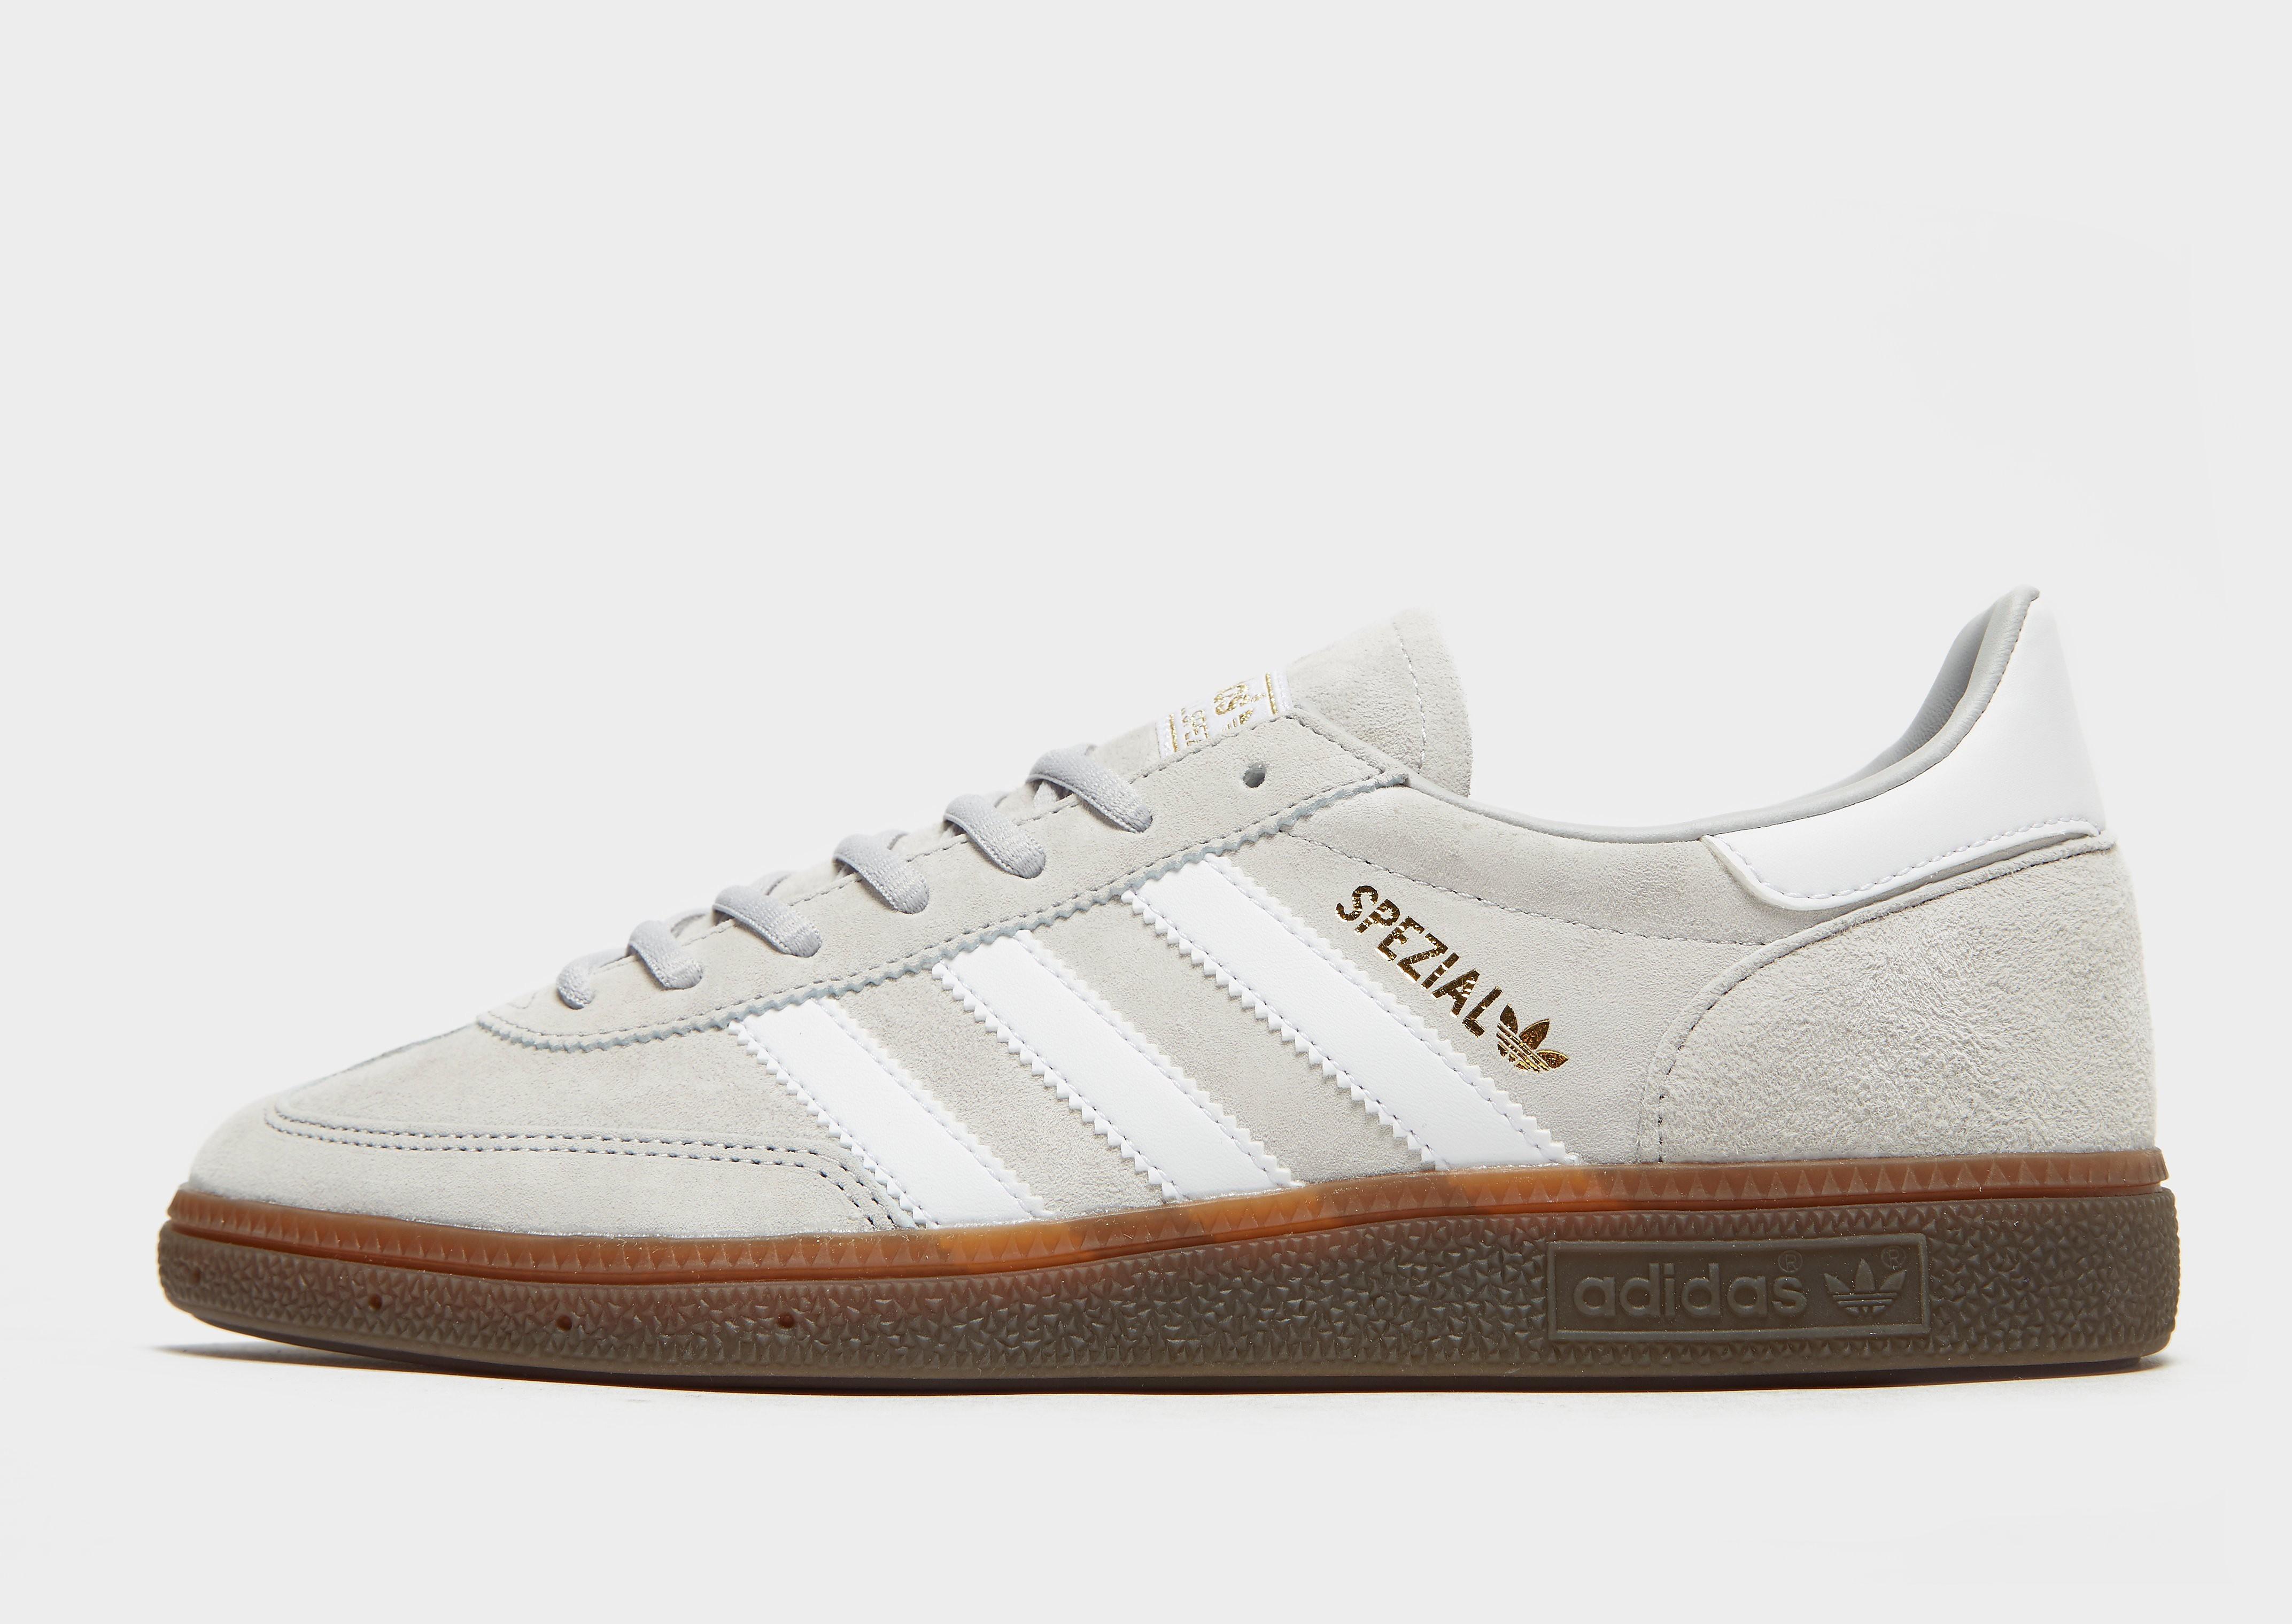 Adidas Spezial herensneaker grijs en goud